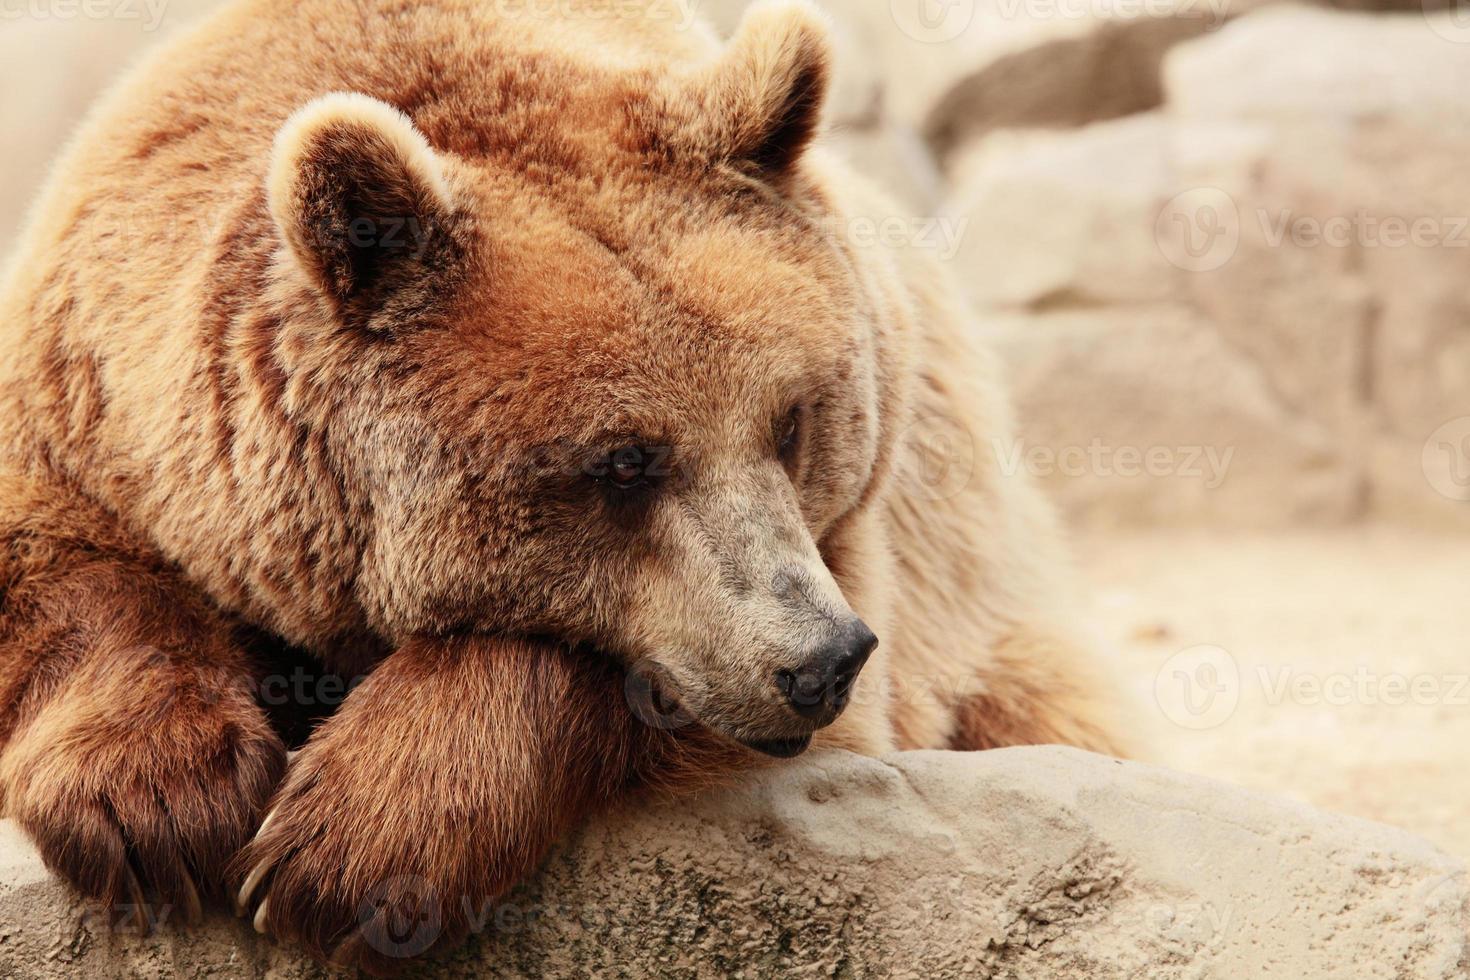 das Gesicht eines Bären foto